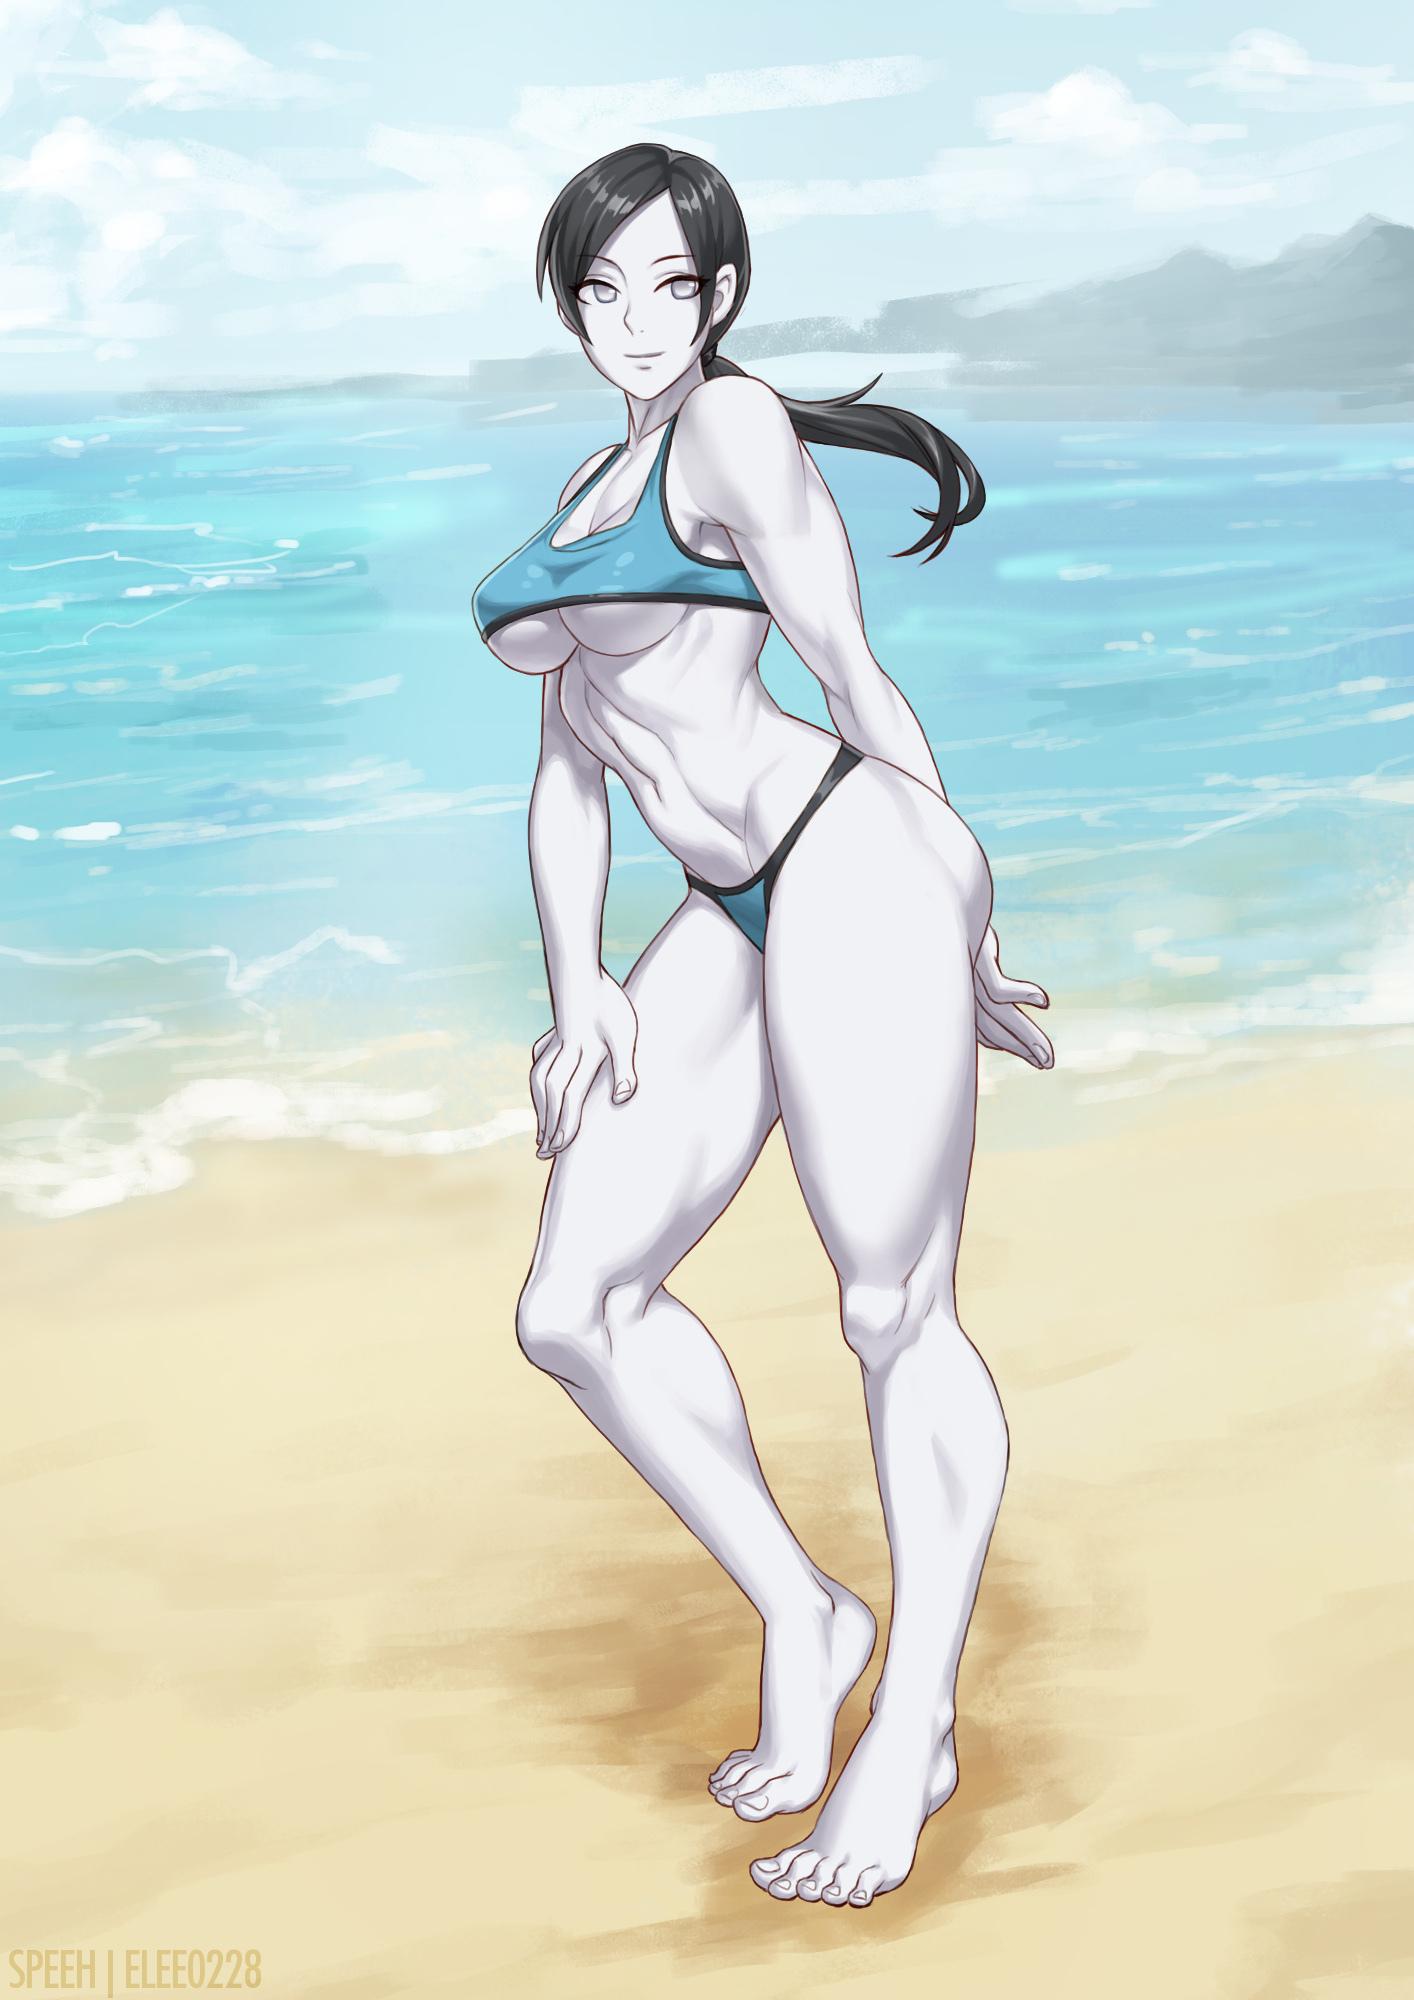 Картинки нарисованных аниме девушек с большой грудью фото 263-463